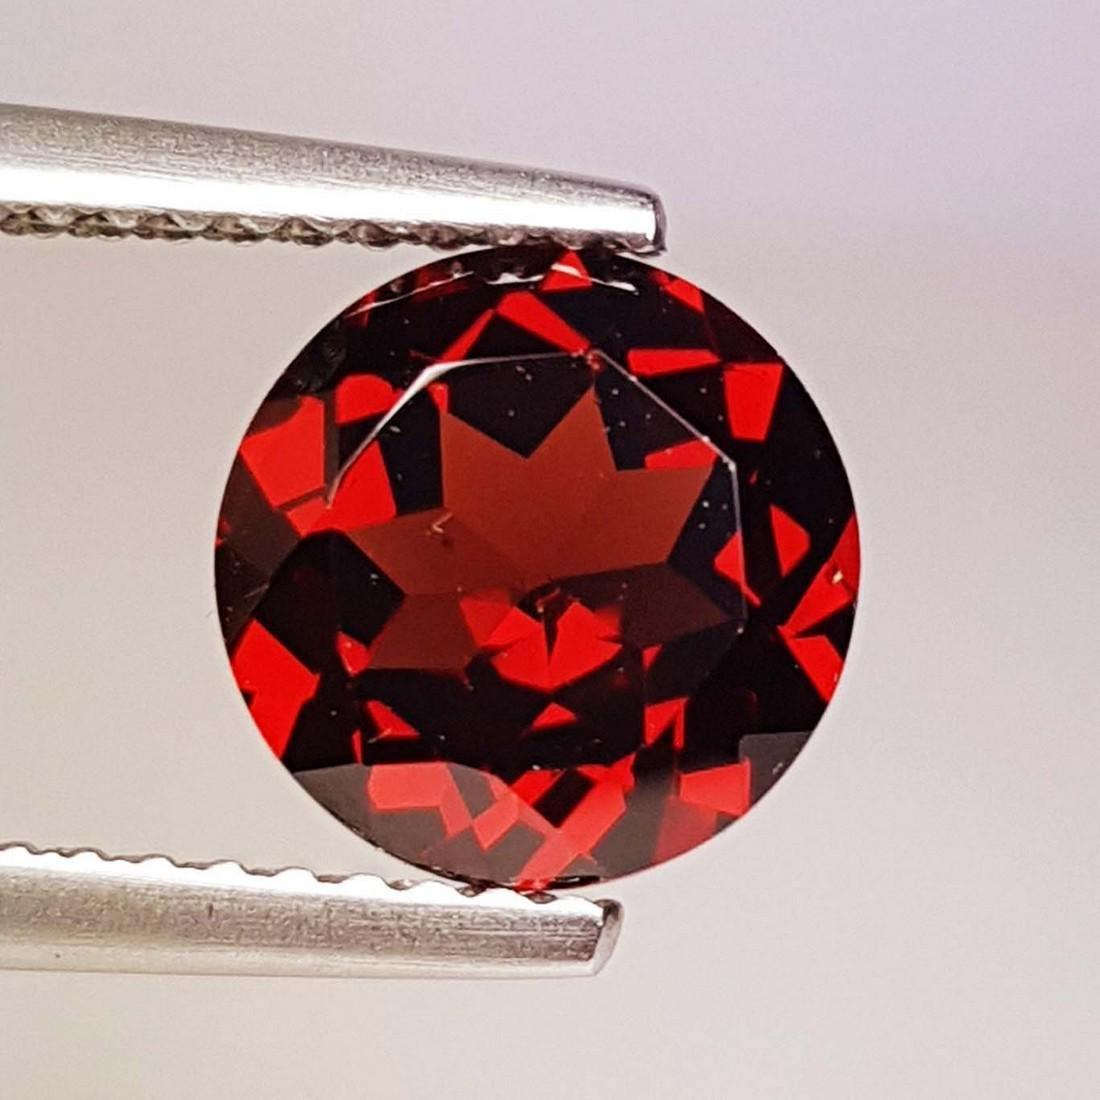 Natural Pyrope - Almandite Red Garnet - 2.25 ct